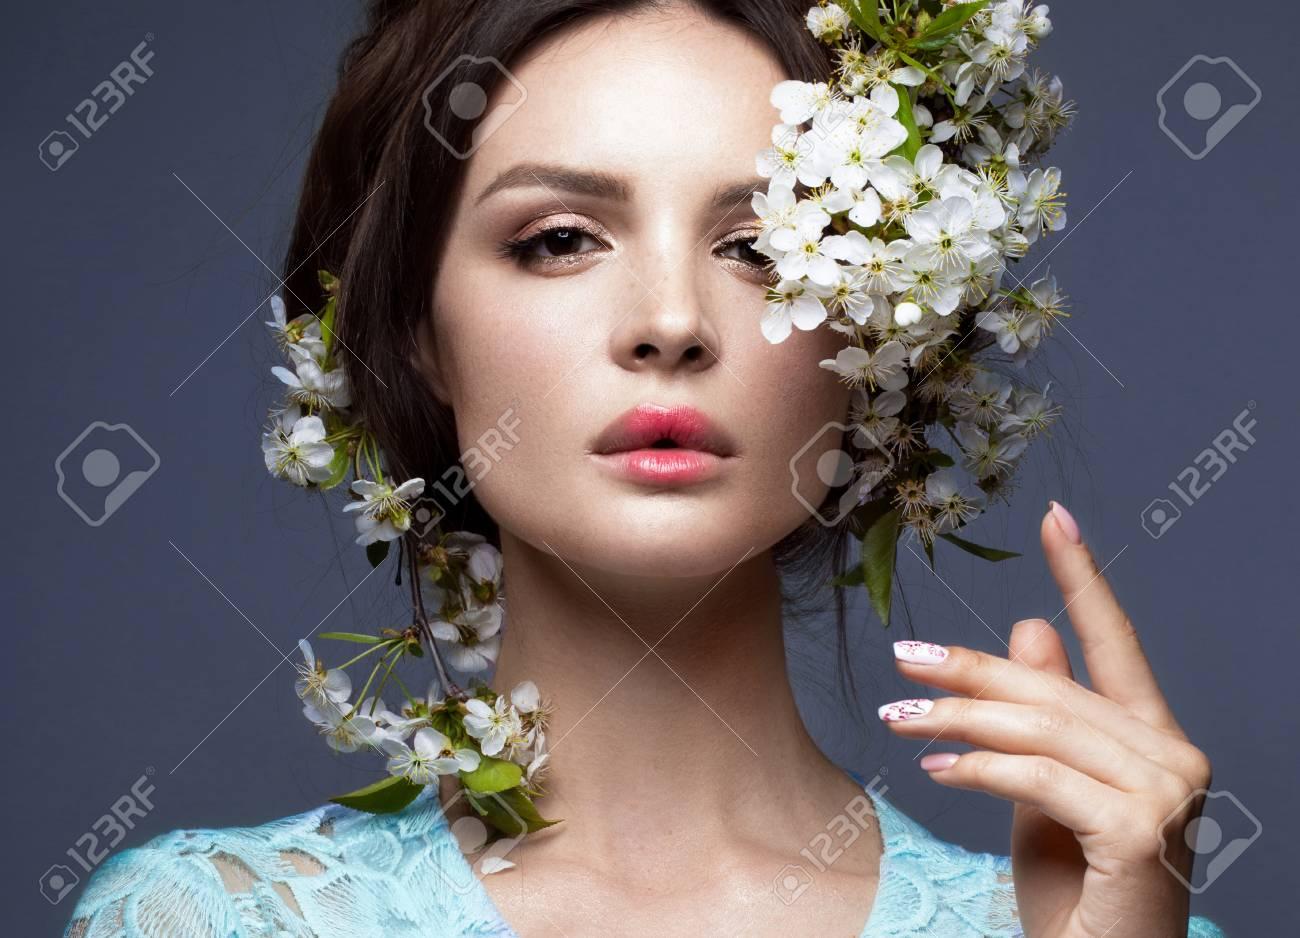 Hermosa Chica Morena En Vestido Azul Con Un Suave Maquillaje Romántico Labios Rosados Y Flores La Belleza De La Cara Retrato De Un Disparo En El